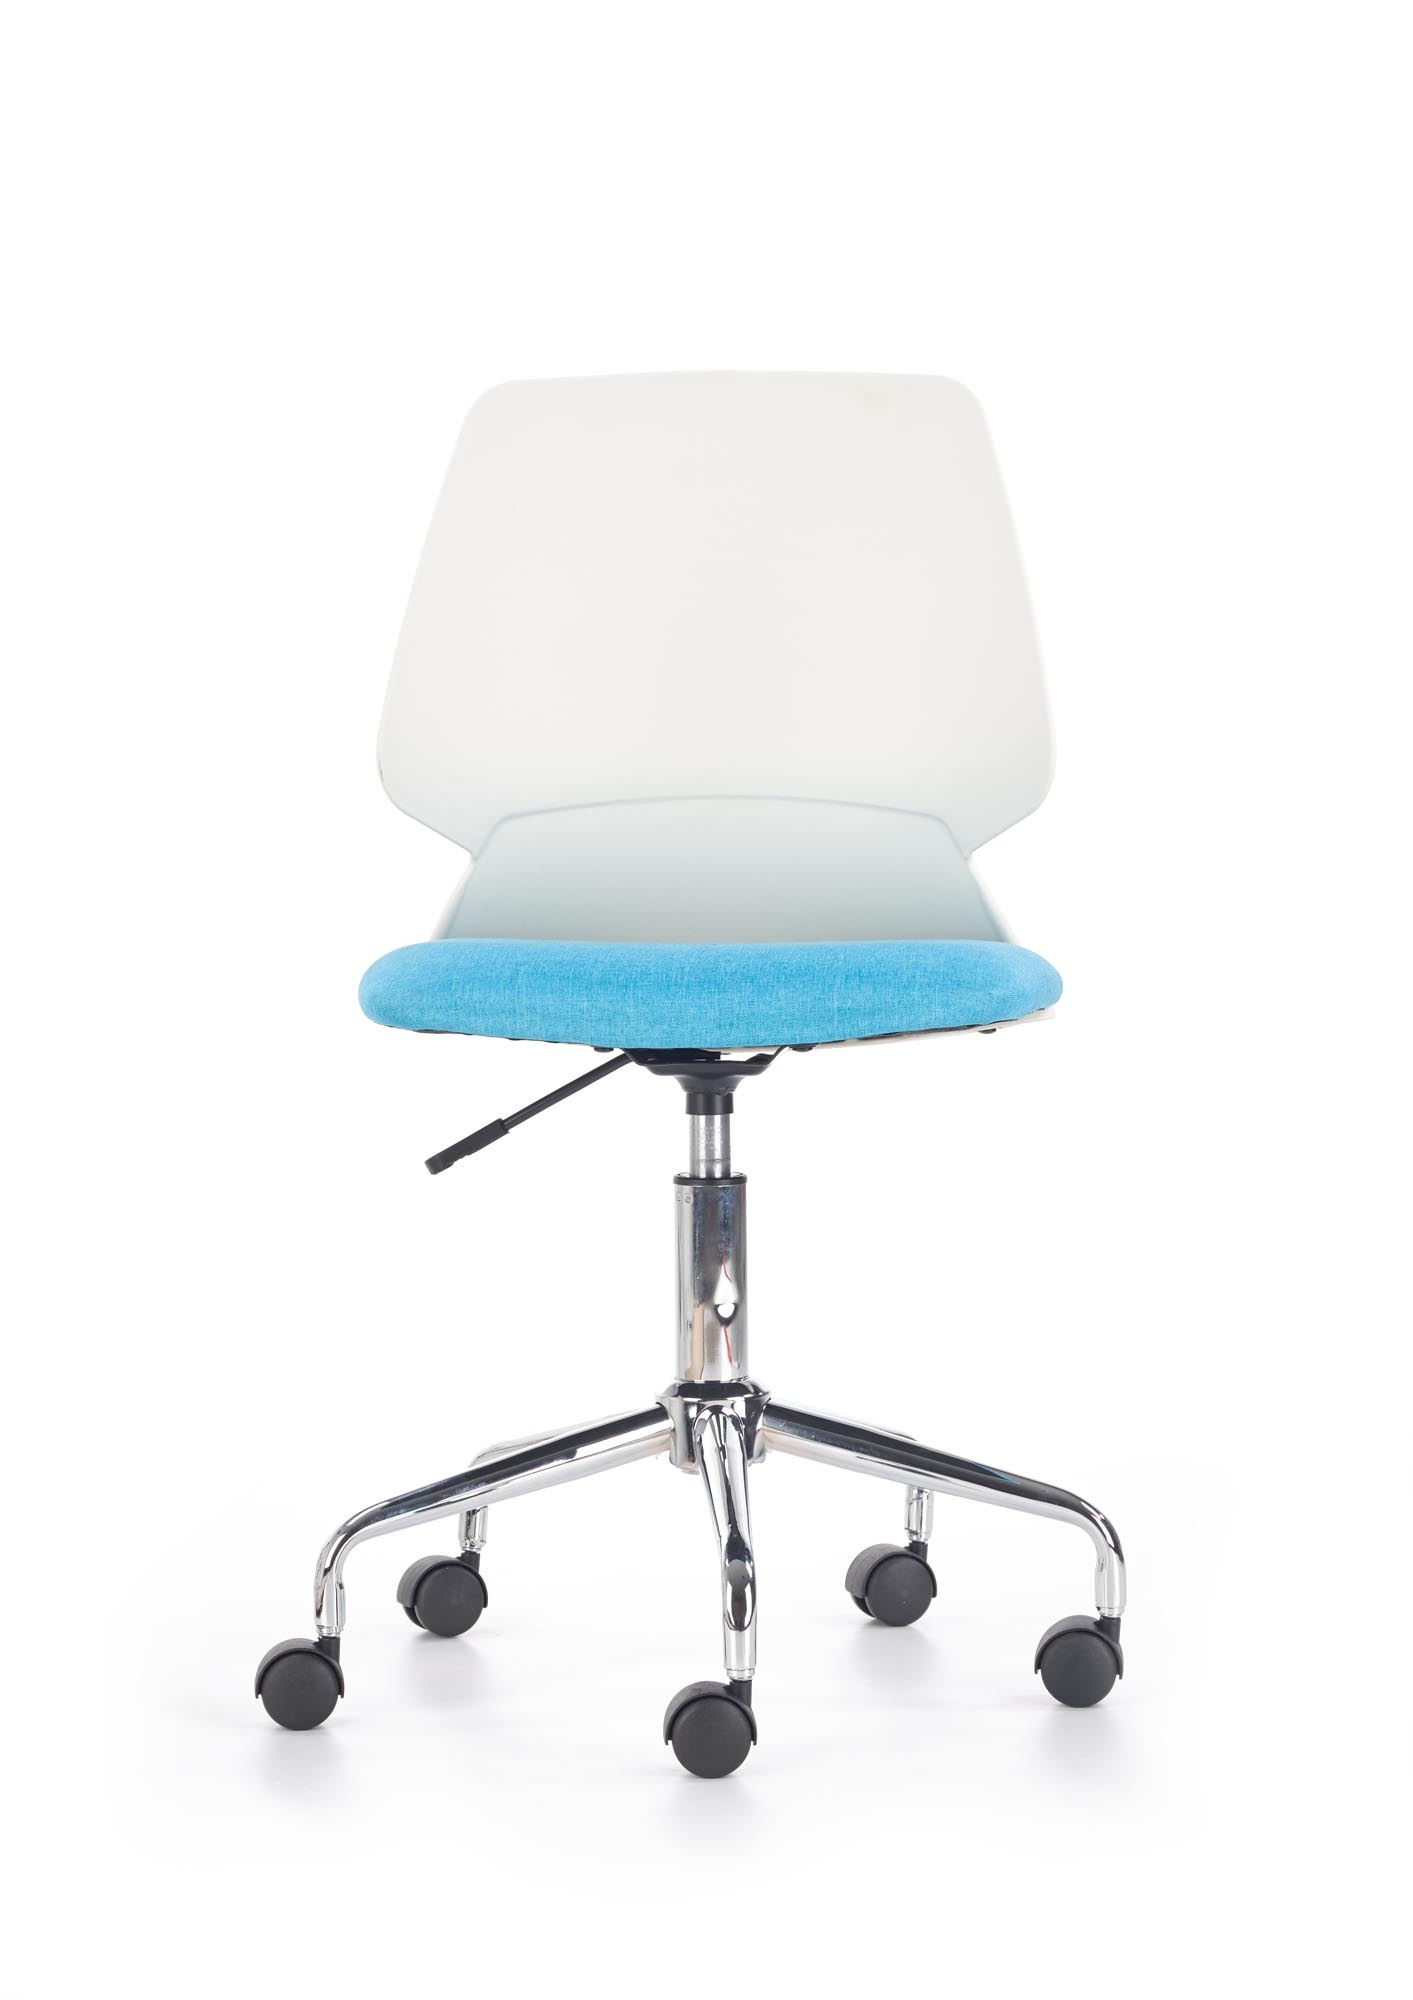 Scaun de birou pentru copii Skate White / Blue, l47xA50xH87-97 cm